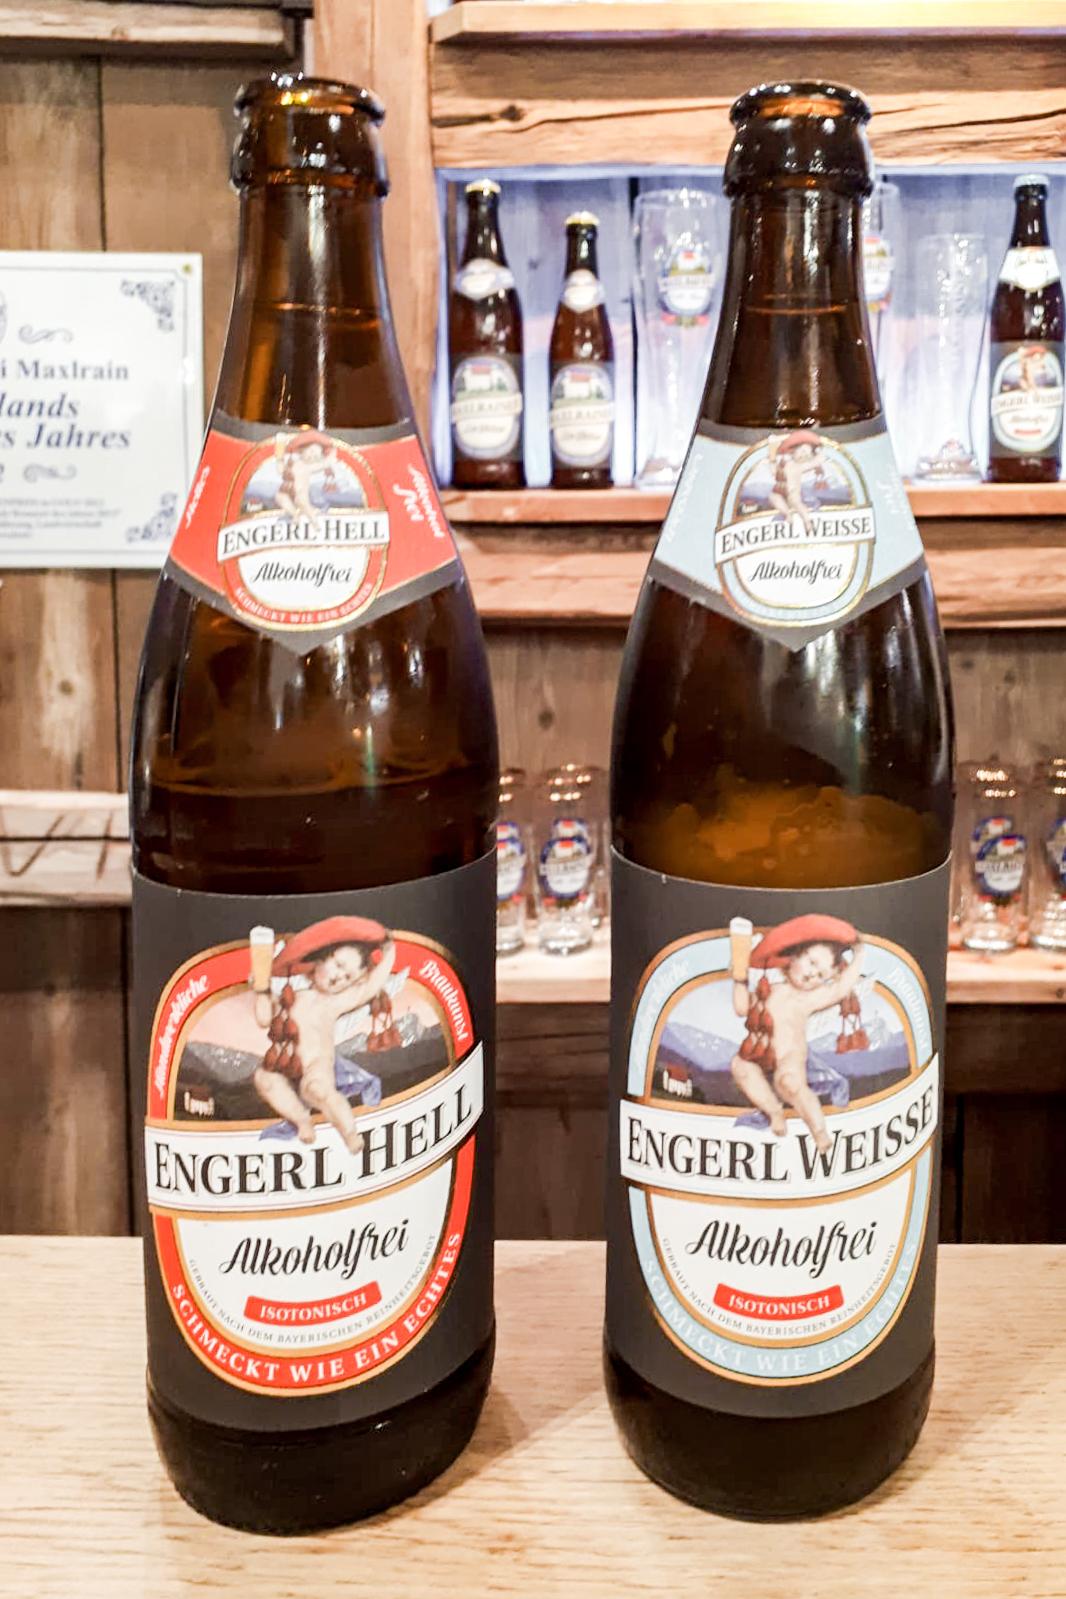 """Das alkoholfreie Bier """" Engerl Hell """" der Schlossbrauereri Maxlrain ist Dank neuer Rezeptur isotonisch"""